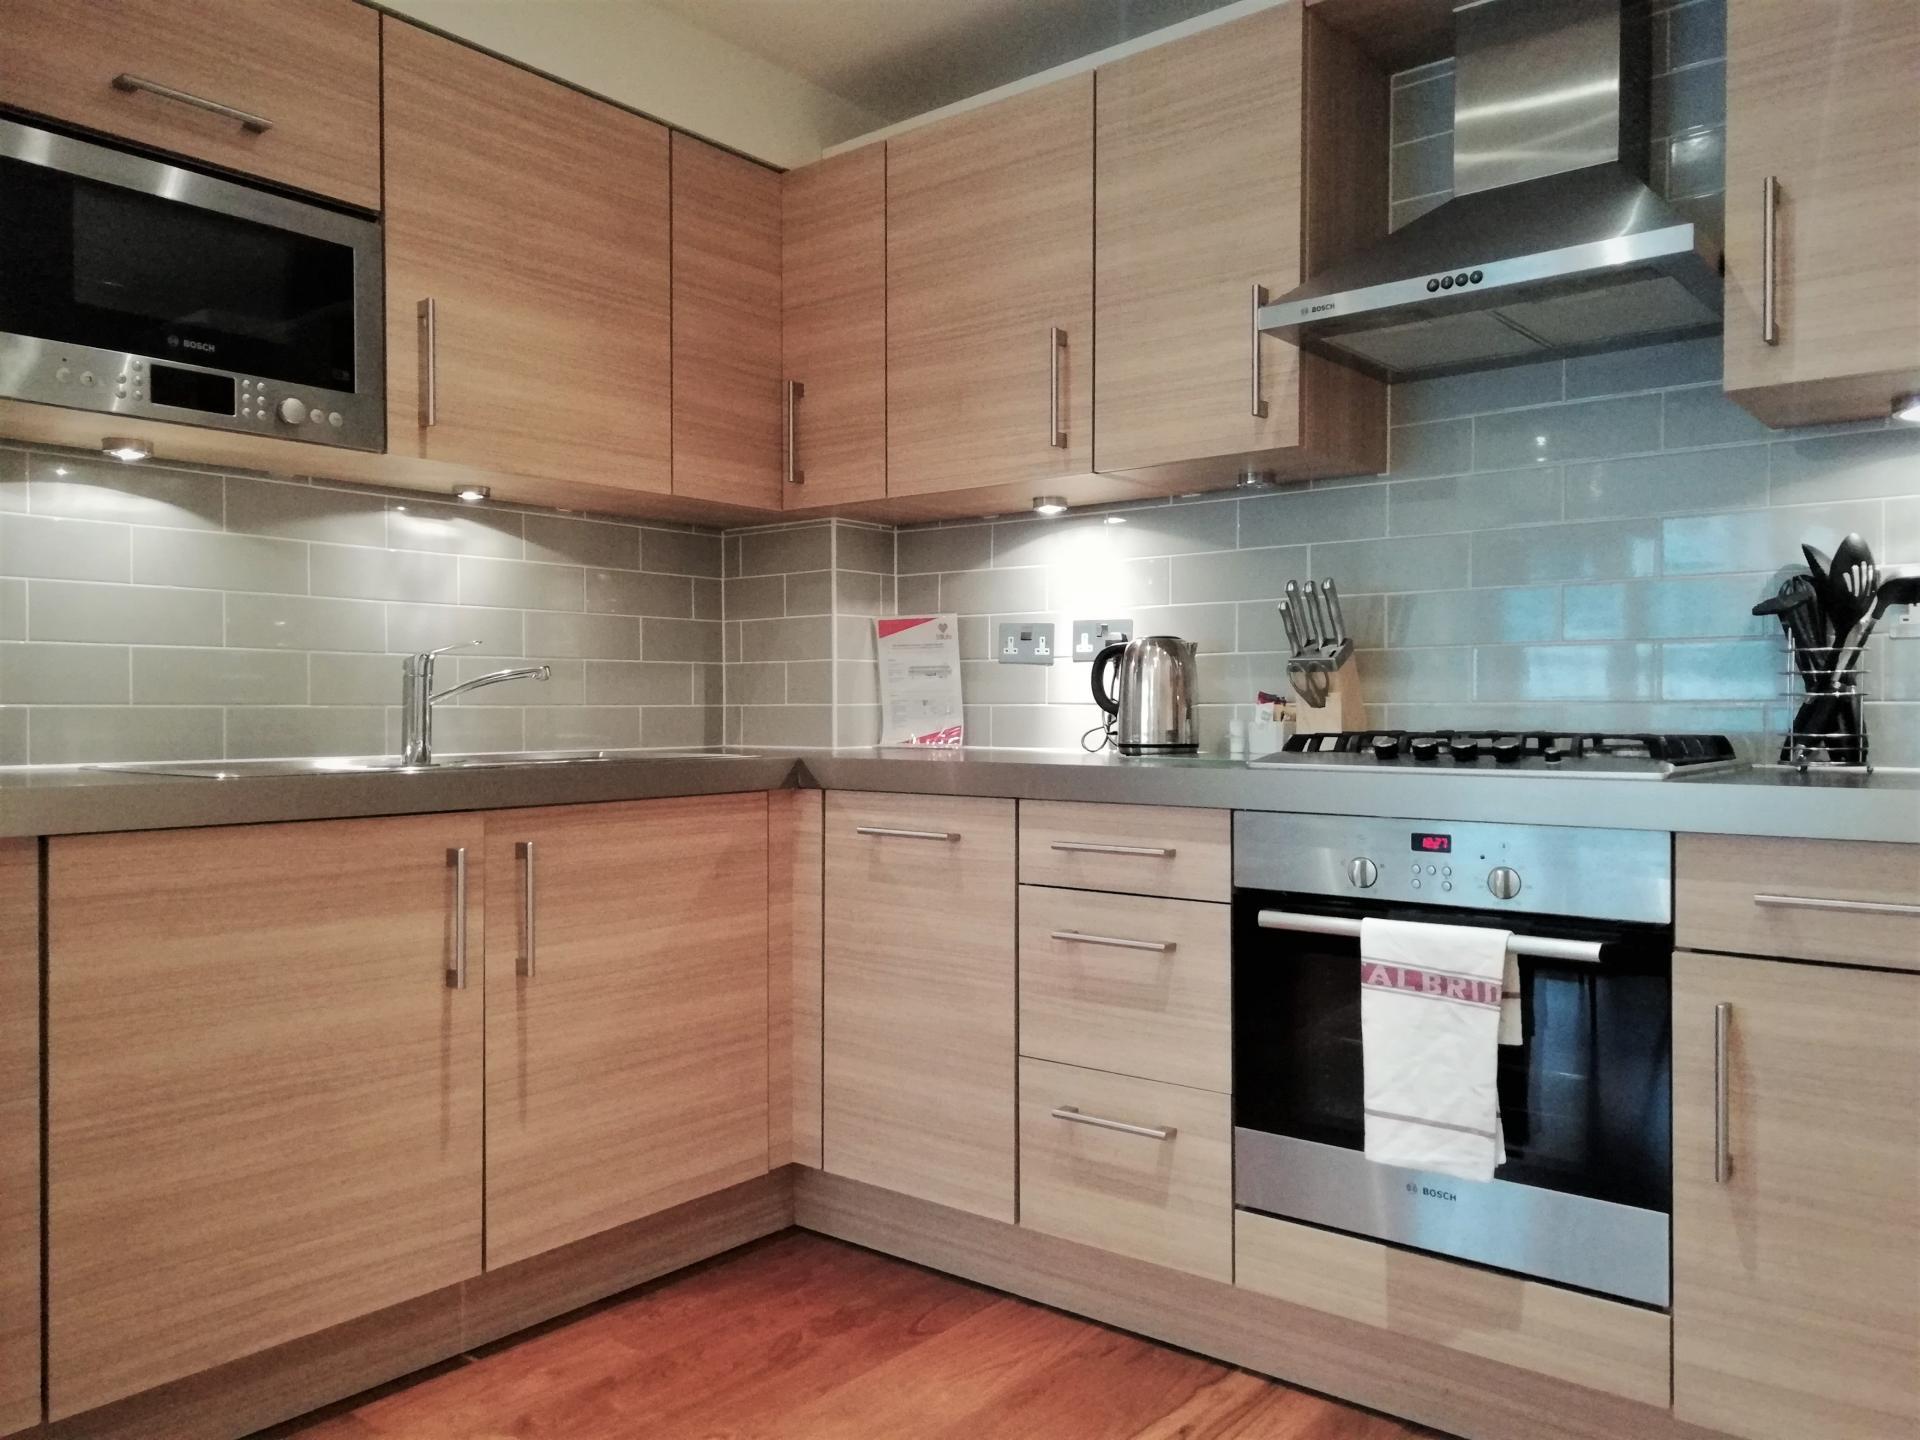 Kitchen at Still Life Barbican, Barbican, London - Citybase Apartments